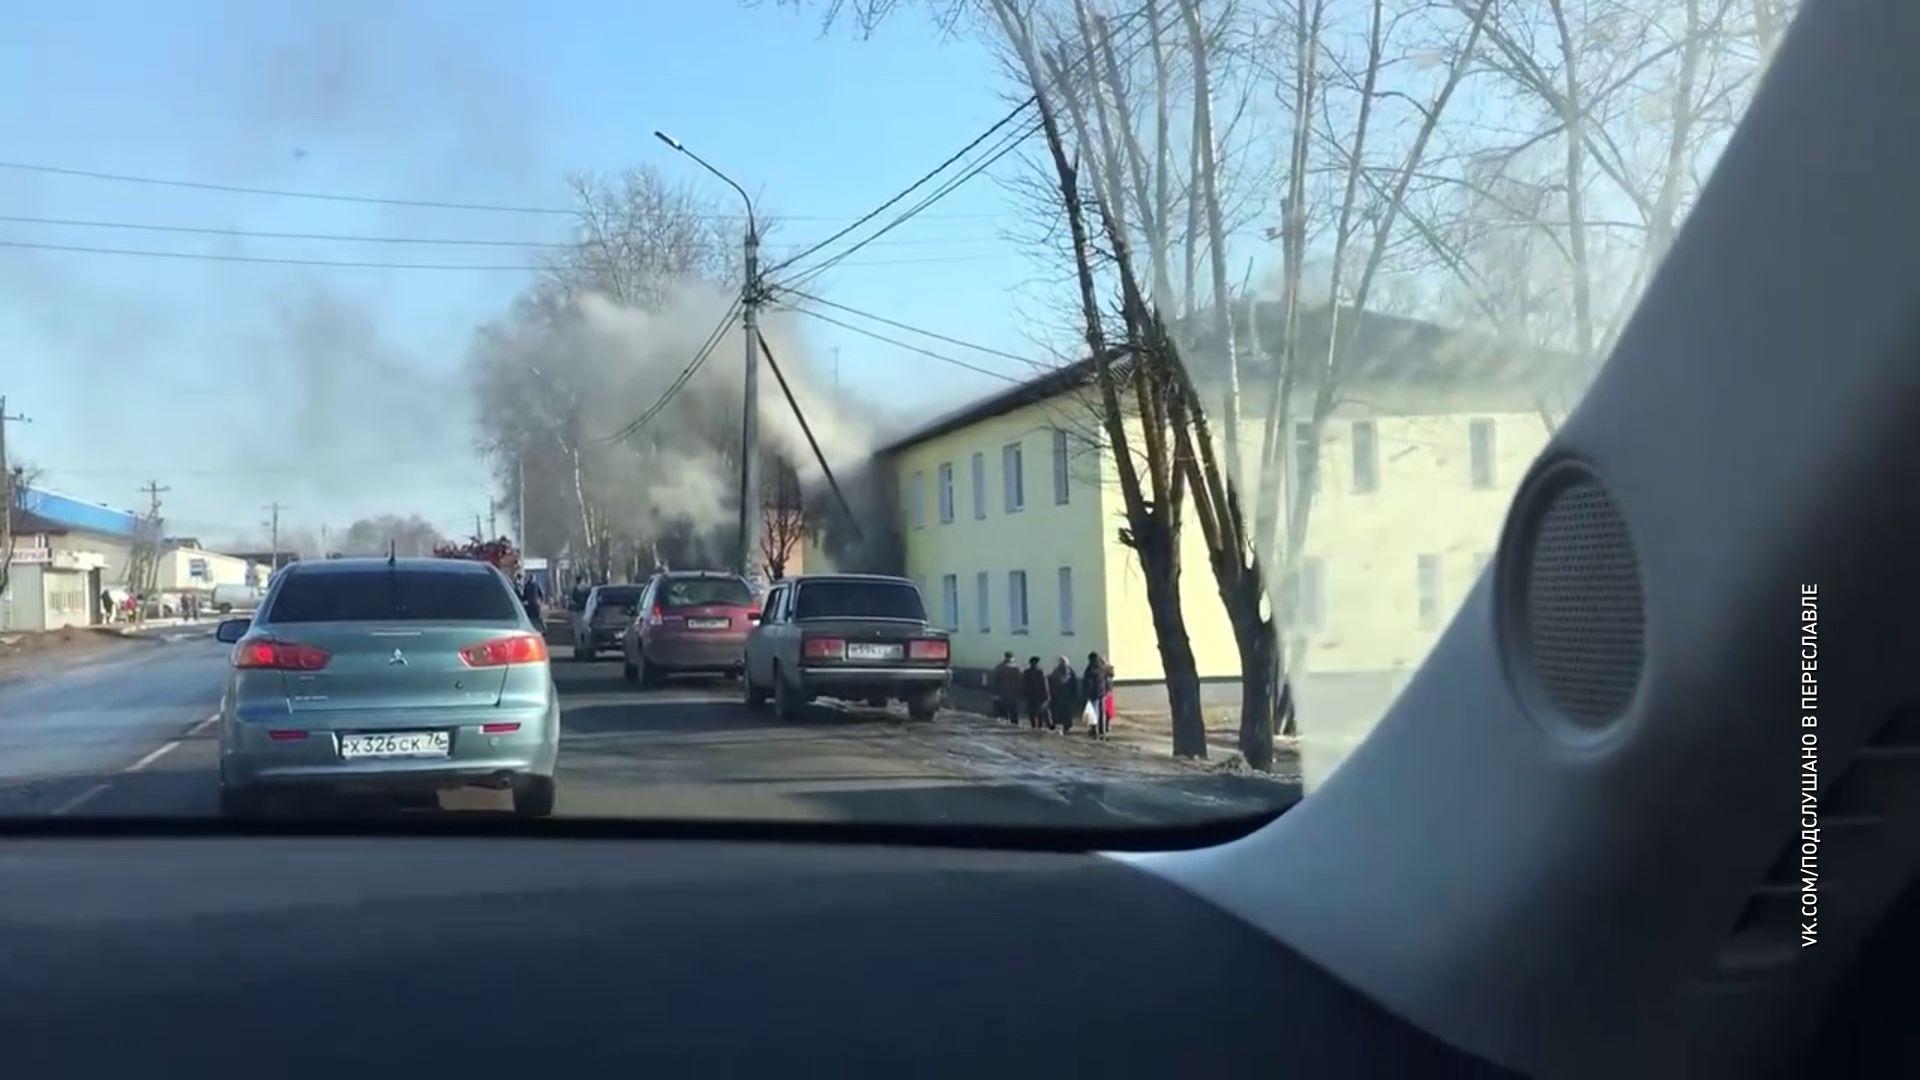 В Переславле-Залесском мама с детьми выпрыгнула в окно, чтобы спастись от пожара